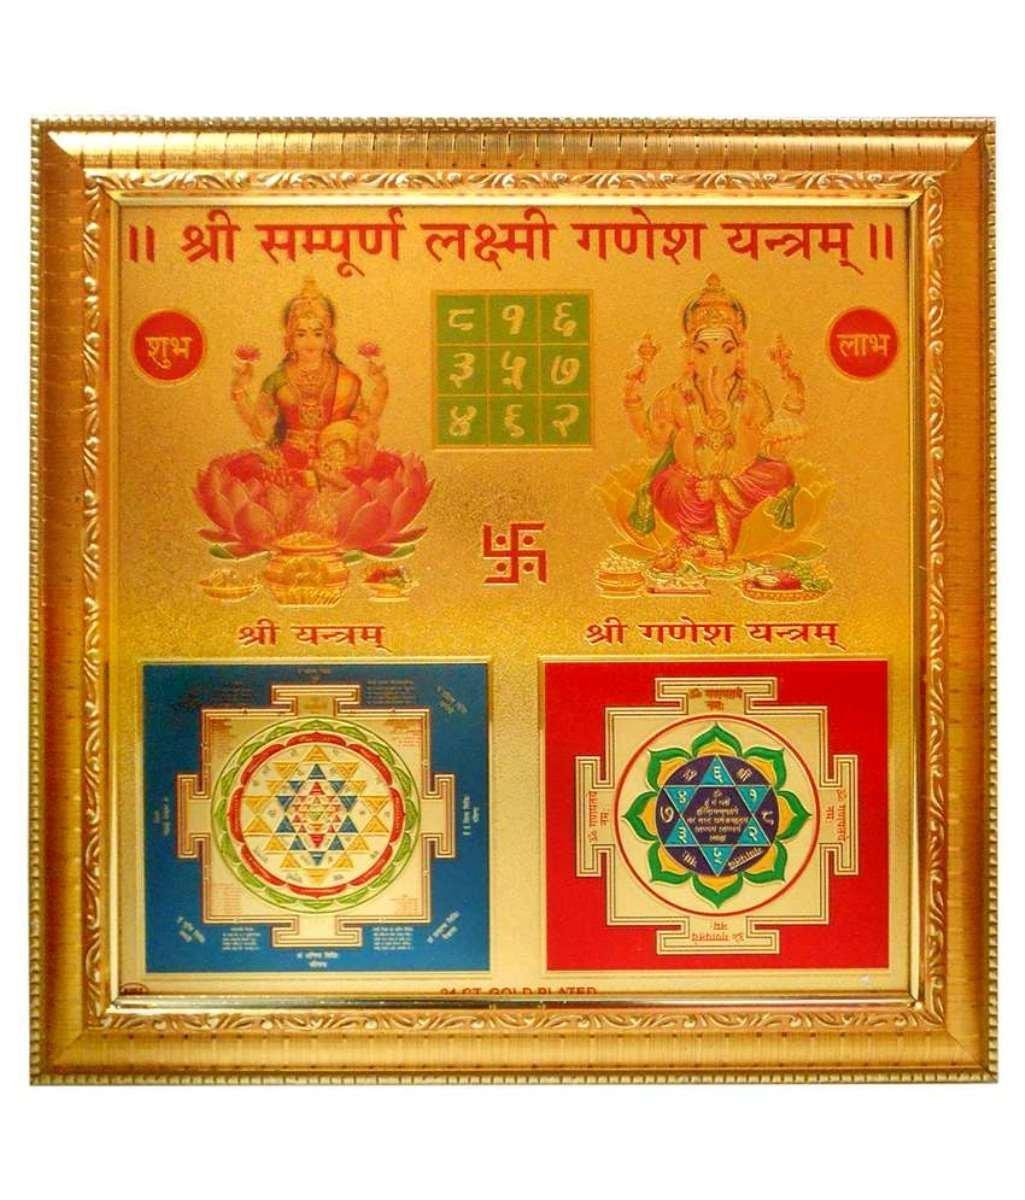 Шри Сампурна Лакшми Ганеш янтра в рамке (0,2 кг, 26 см ) шри навадурга янтра 9 воплощений богини дурги достижение целей и устранения врагов и конкурентов большая